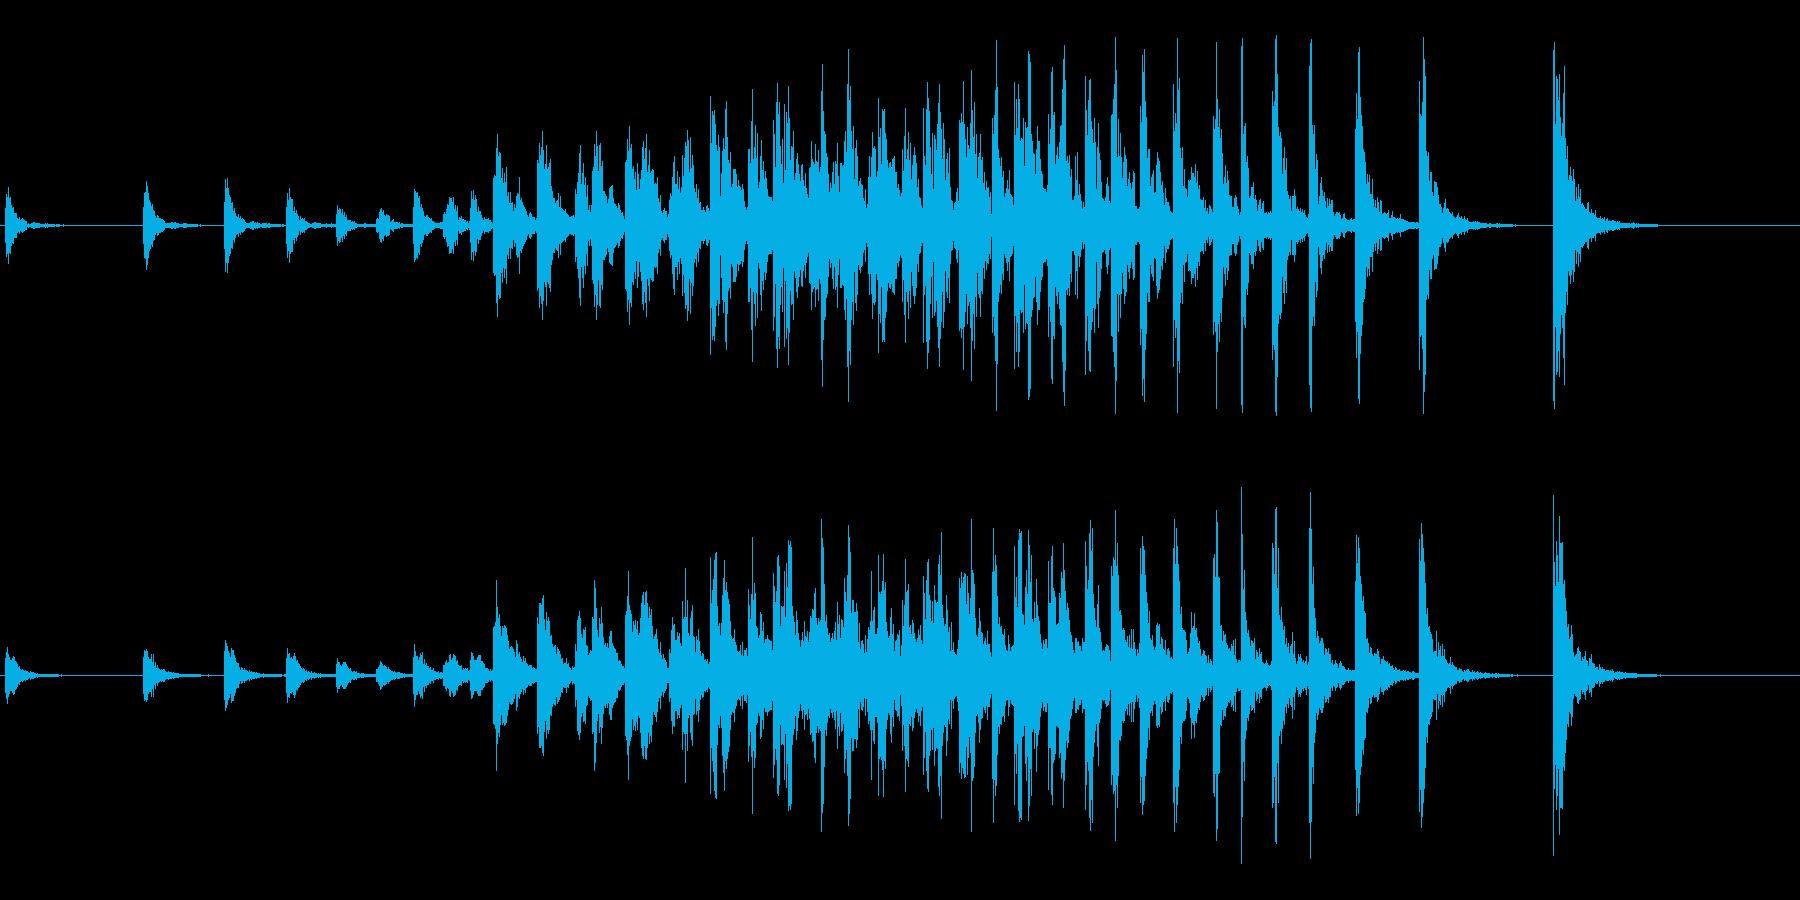 和太鼓のオープニングに最適な連打音+FXの再生済みの波形